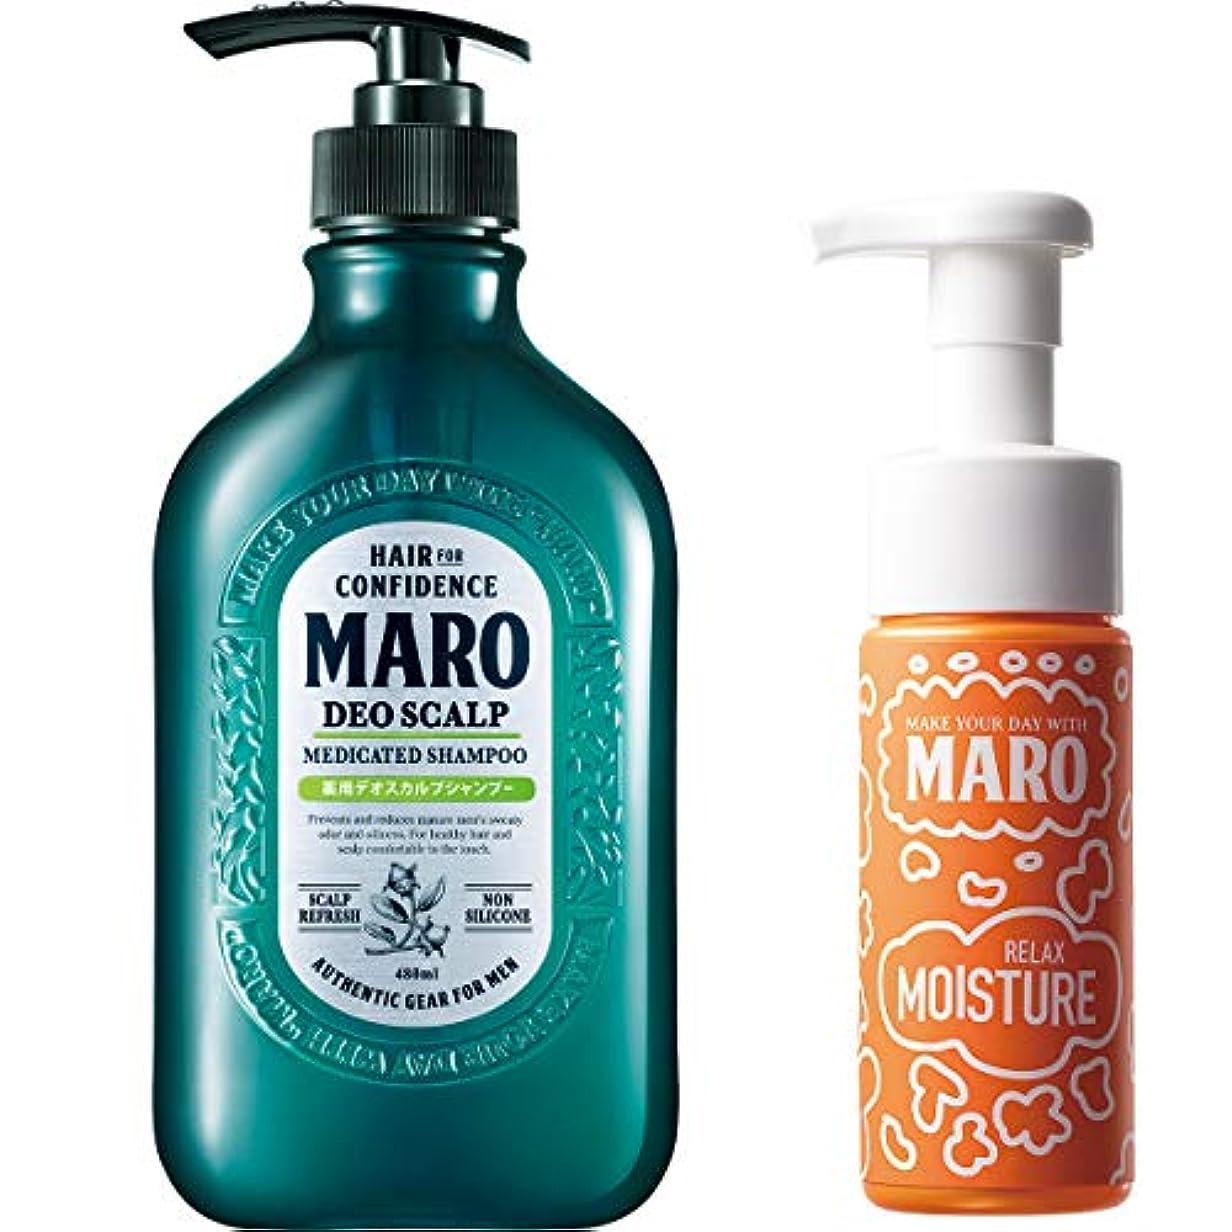 純正不合格微妙MARO(マーロ) 薬用デオスカルプシャンプー 泡洗顔付き 480ml+泡洗顔150ml セット +